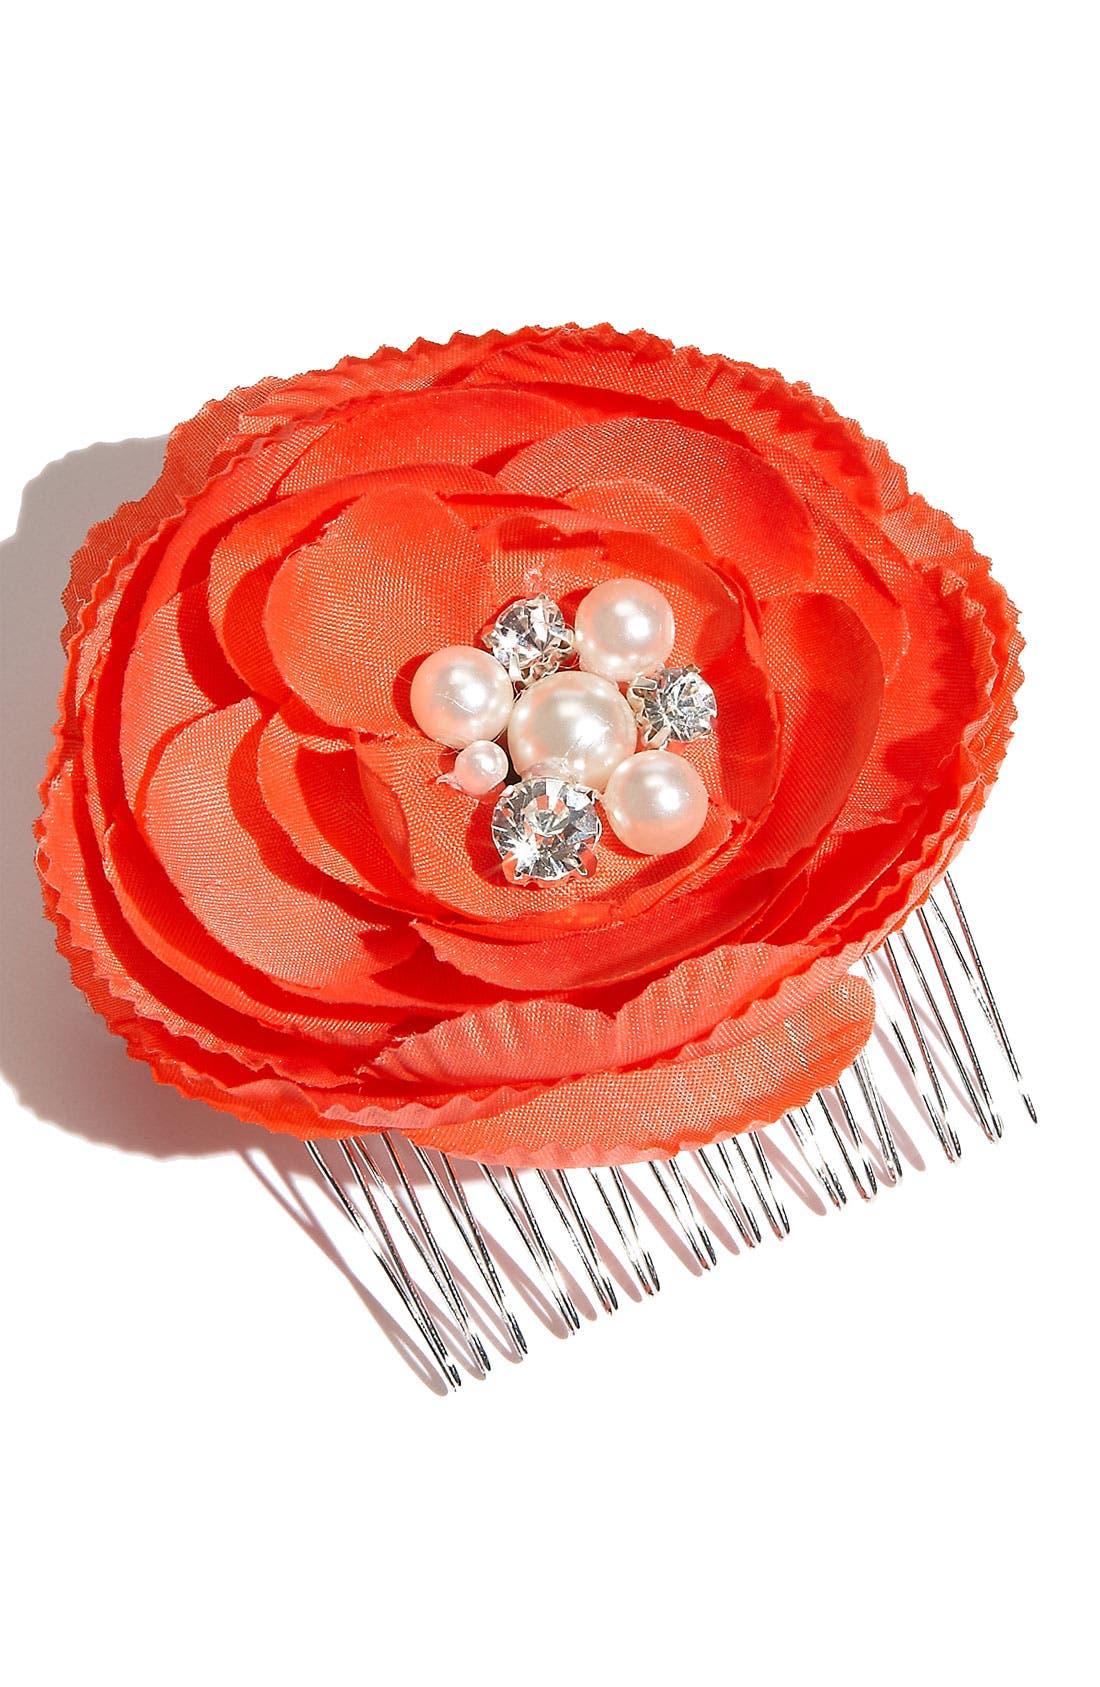 Main Image - Tasha Flower Hair Comb